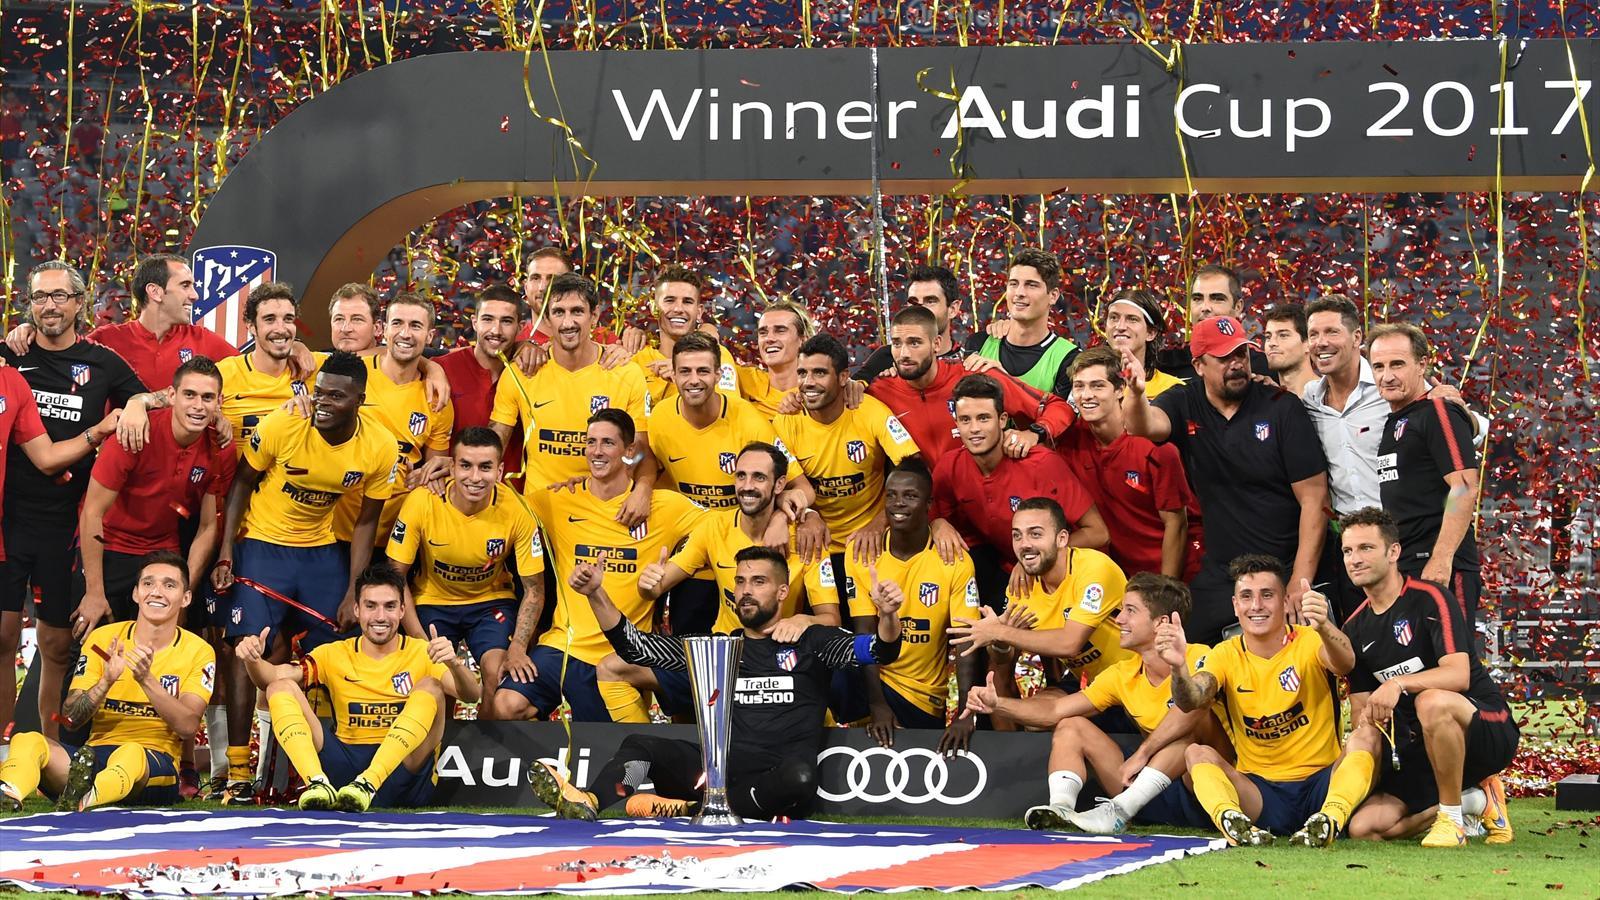 Audi Cuo